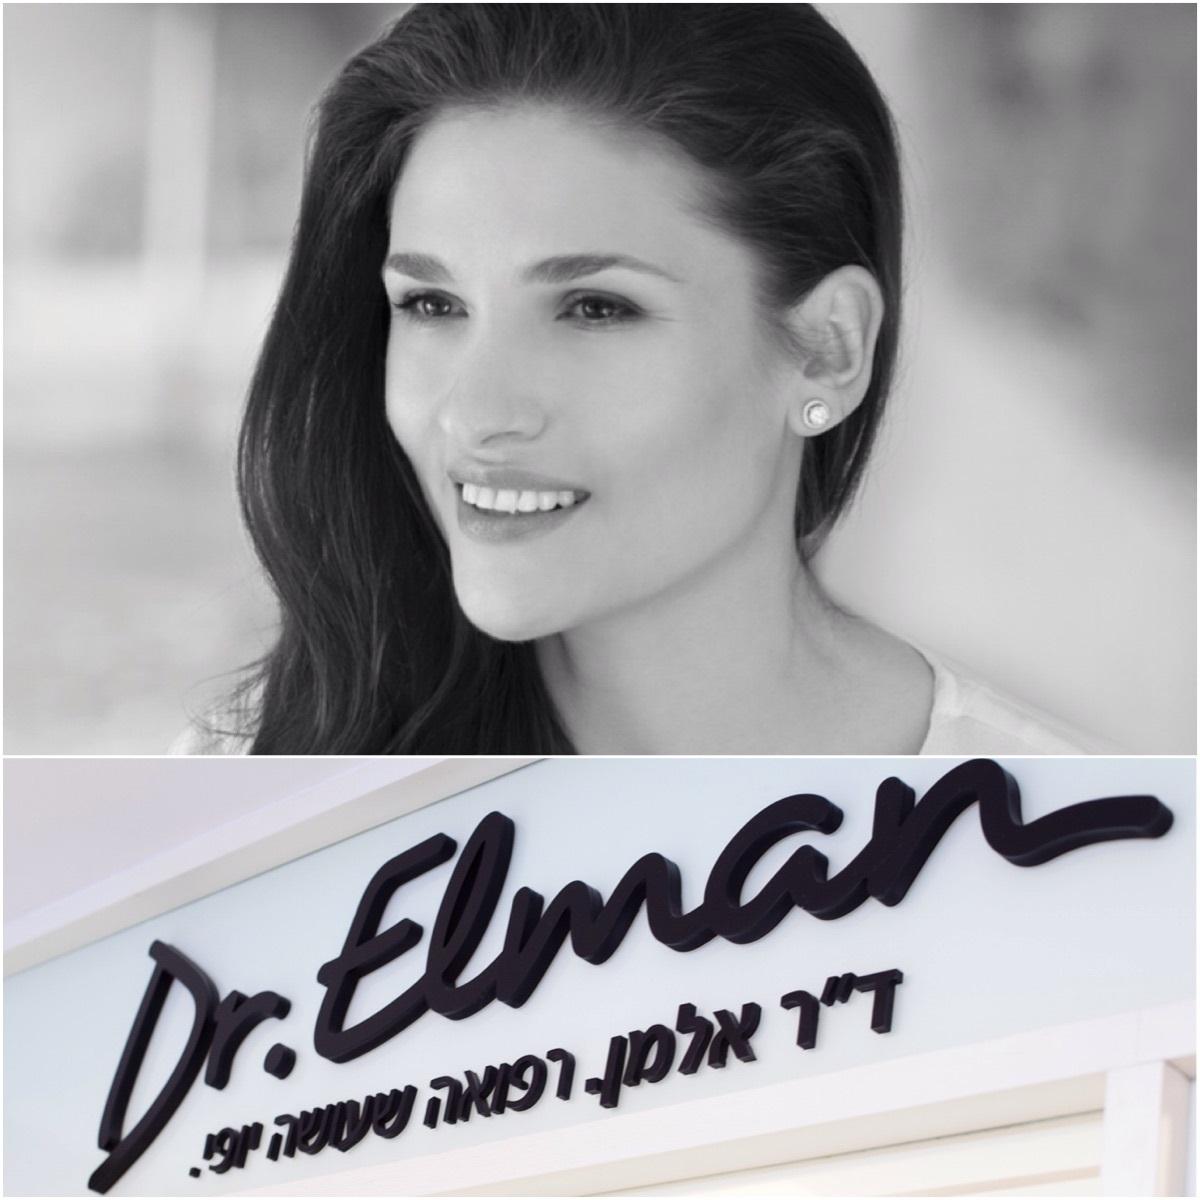 Самая красивая в свой день рождения: вторая процедура мгновенного омоложения JetPeel – в подарок от д-ра Эльман!